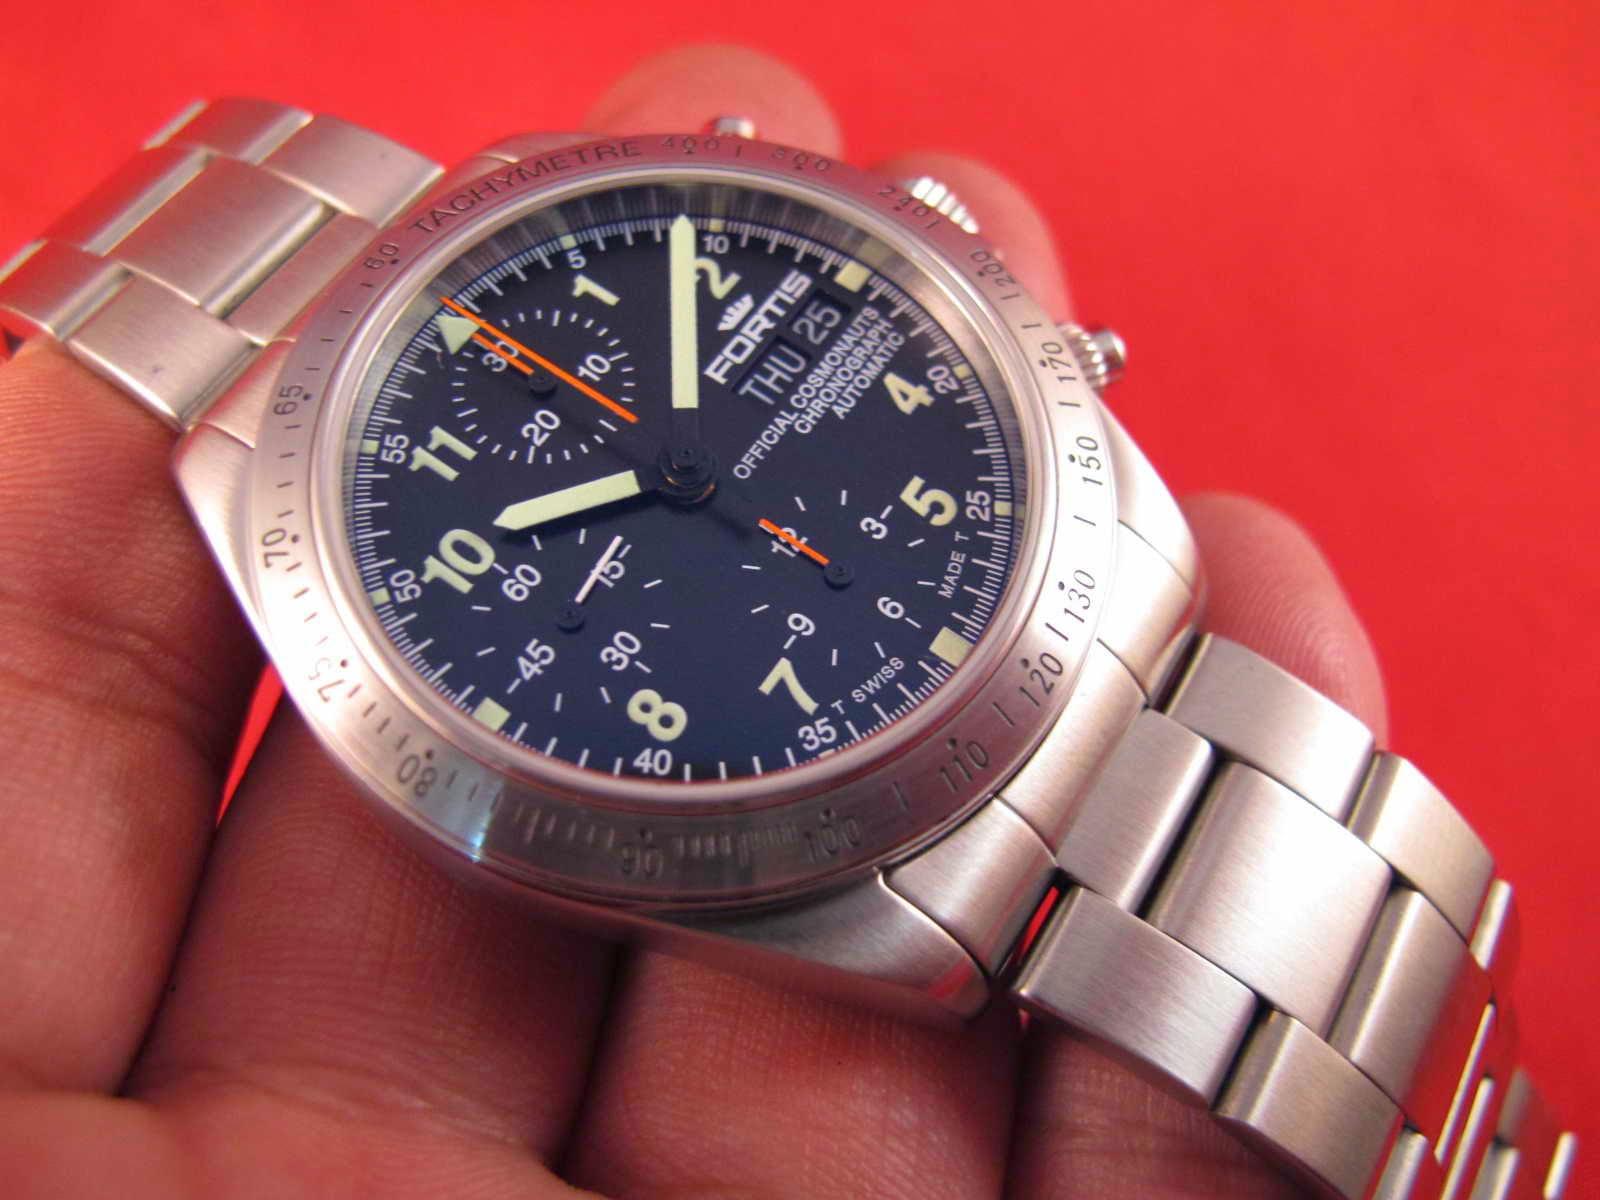 f06f29d7f00 (New Old Stock).... lengkap dengan box dan papersnya.... Cocok untuk Anda  yang memang sedang mencari jam tangan Chronograph NOS.. Swiss made...  FORTIS.